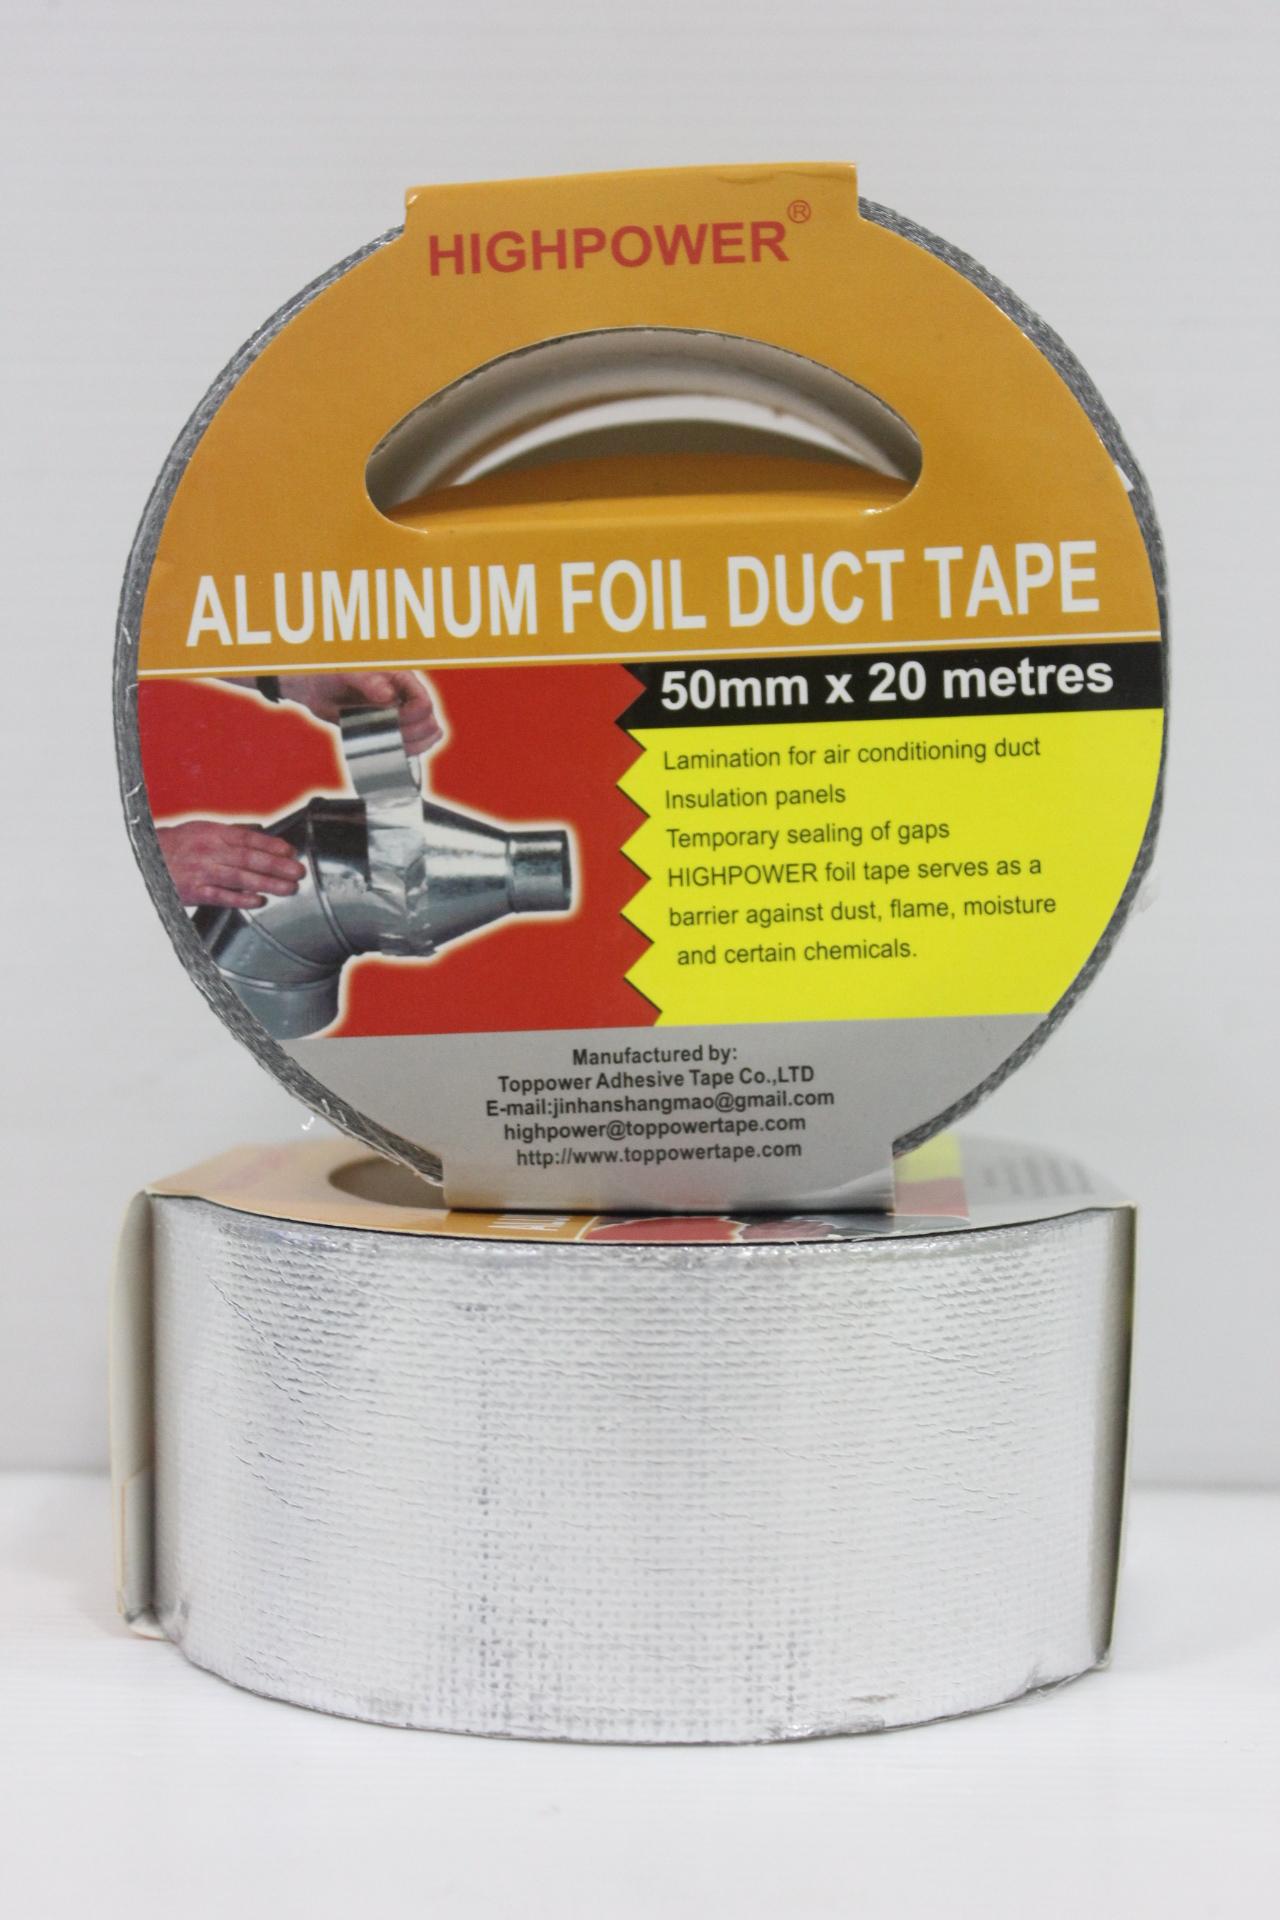 ALUMINIUM FOIL DUCT TAPE - 50MM X 20M - A-Tech